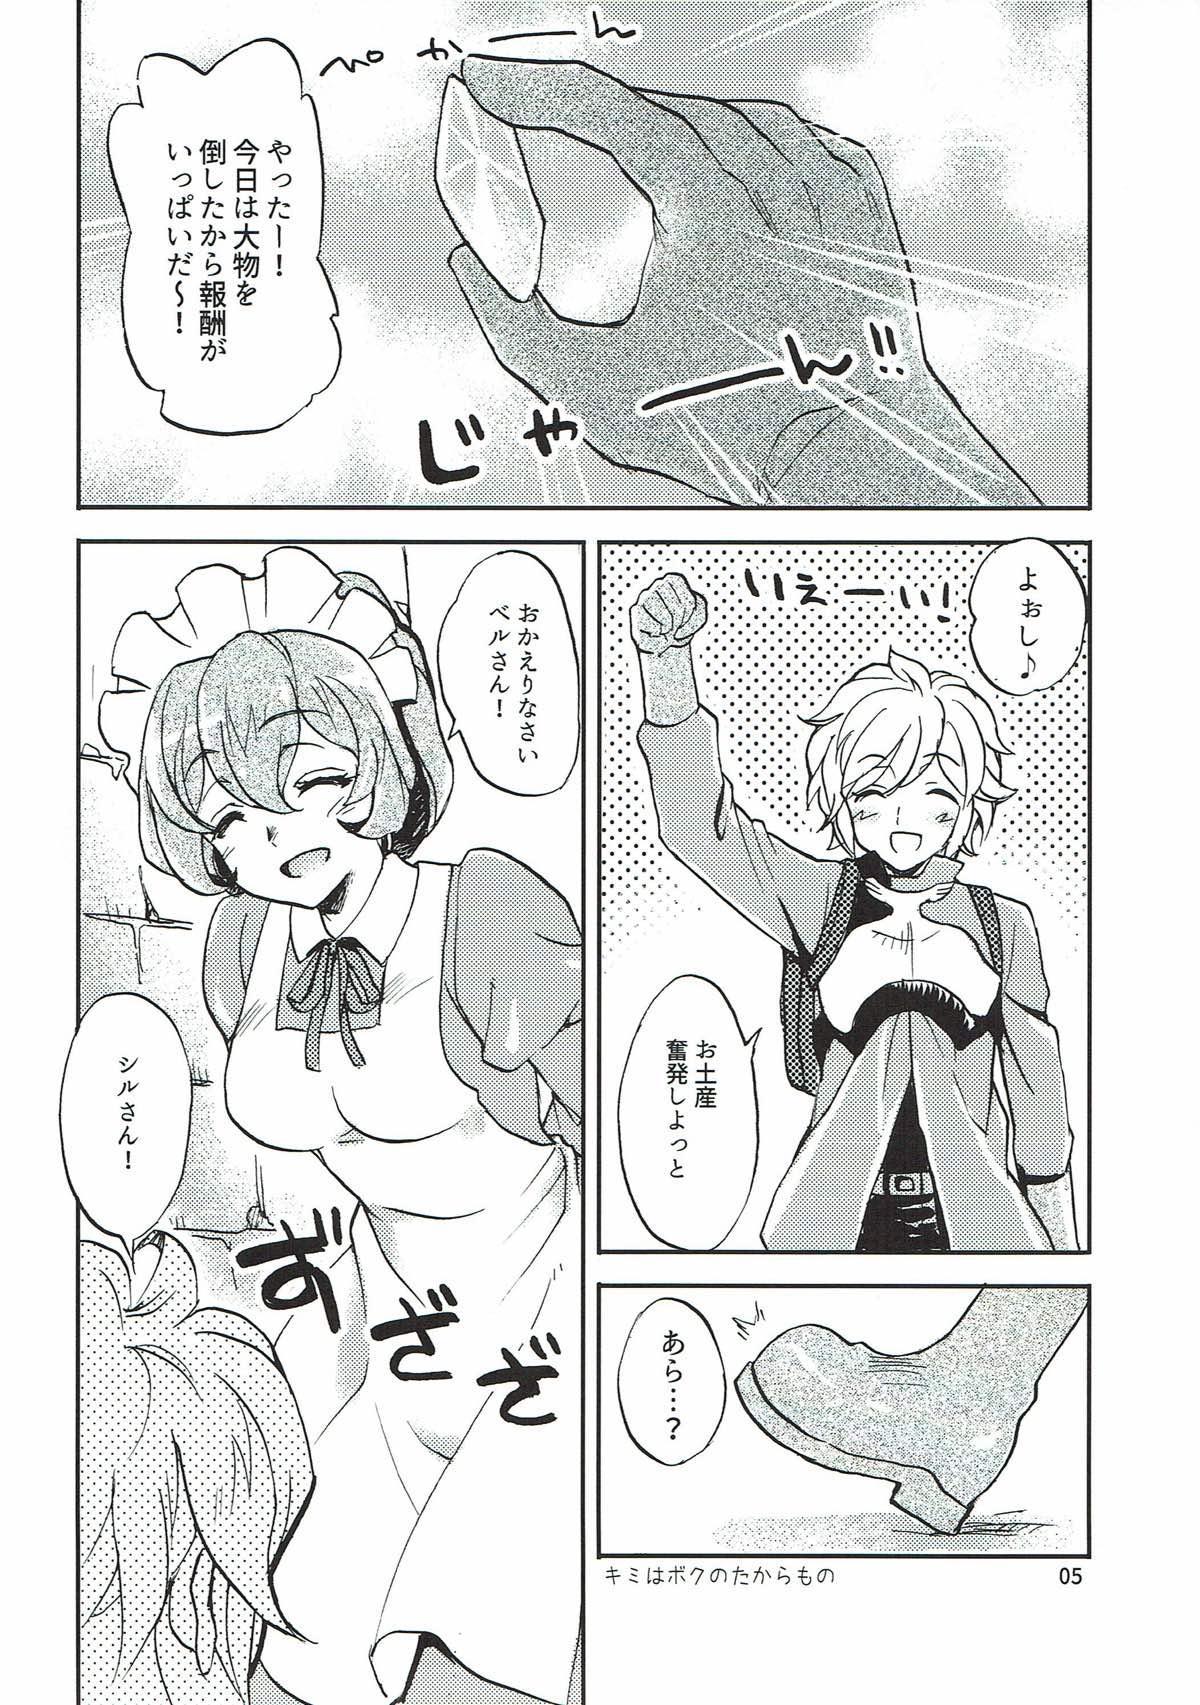 Kami-sama no Takaramono 1